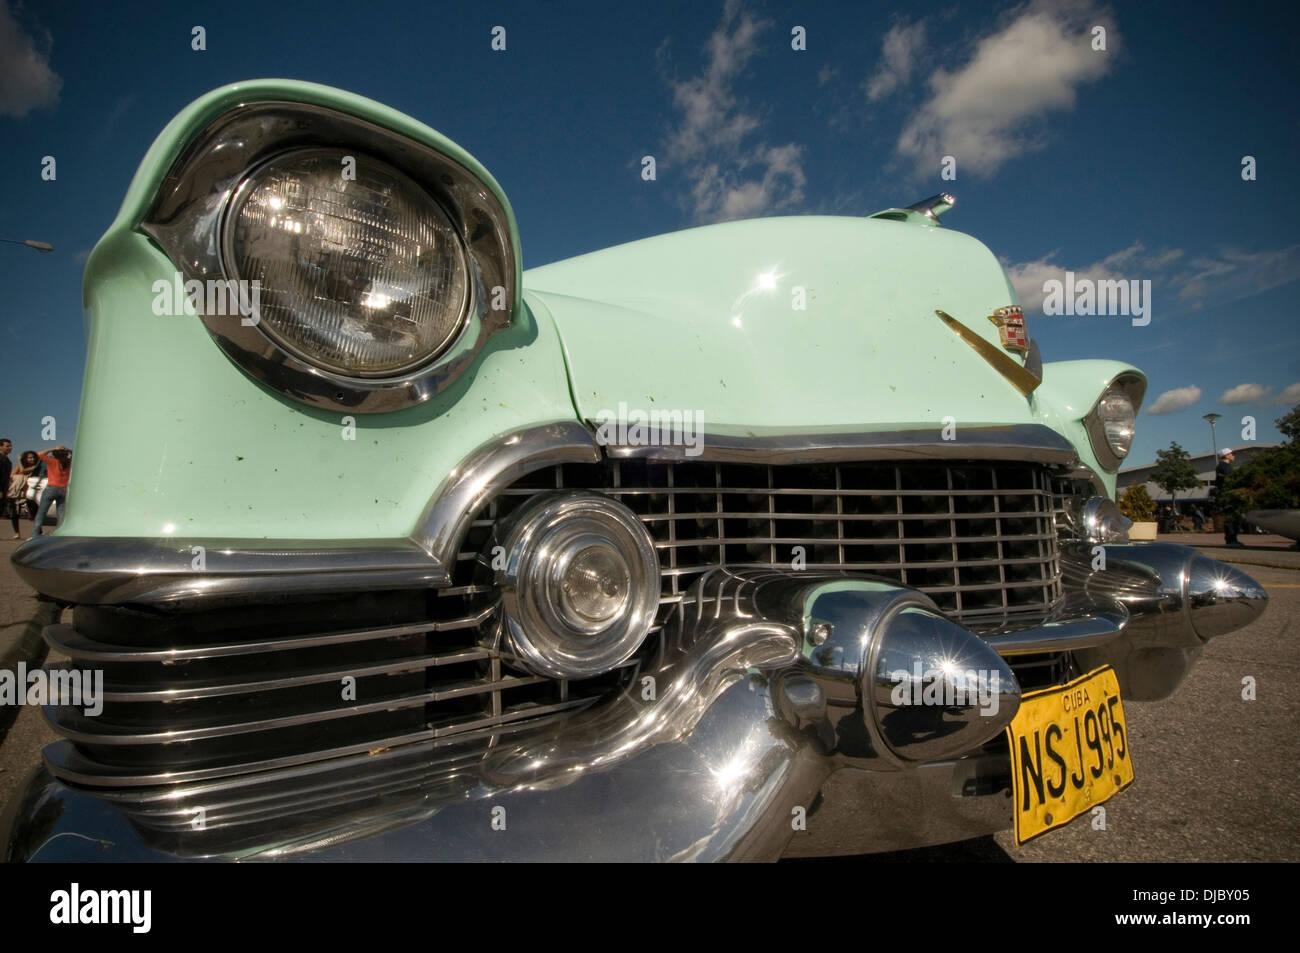 Car Number Plates Stockfotos & Car Number Plates Bilder - Alamy